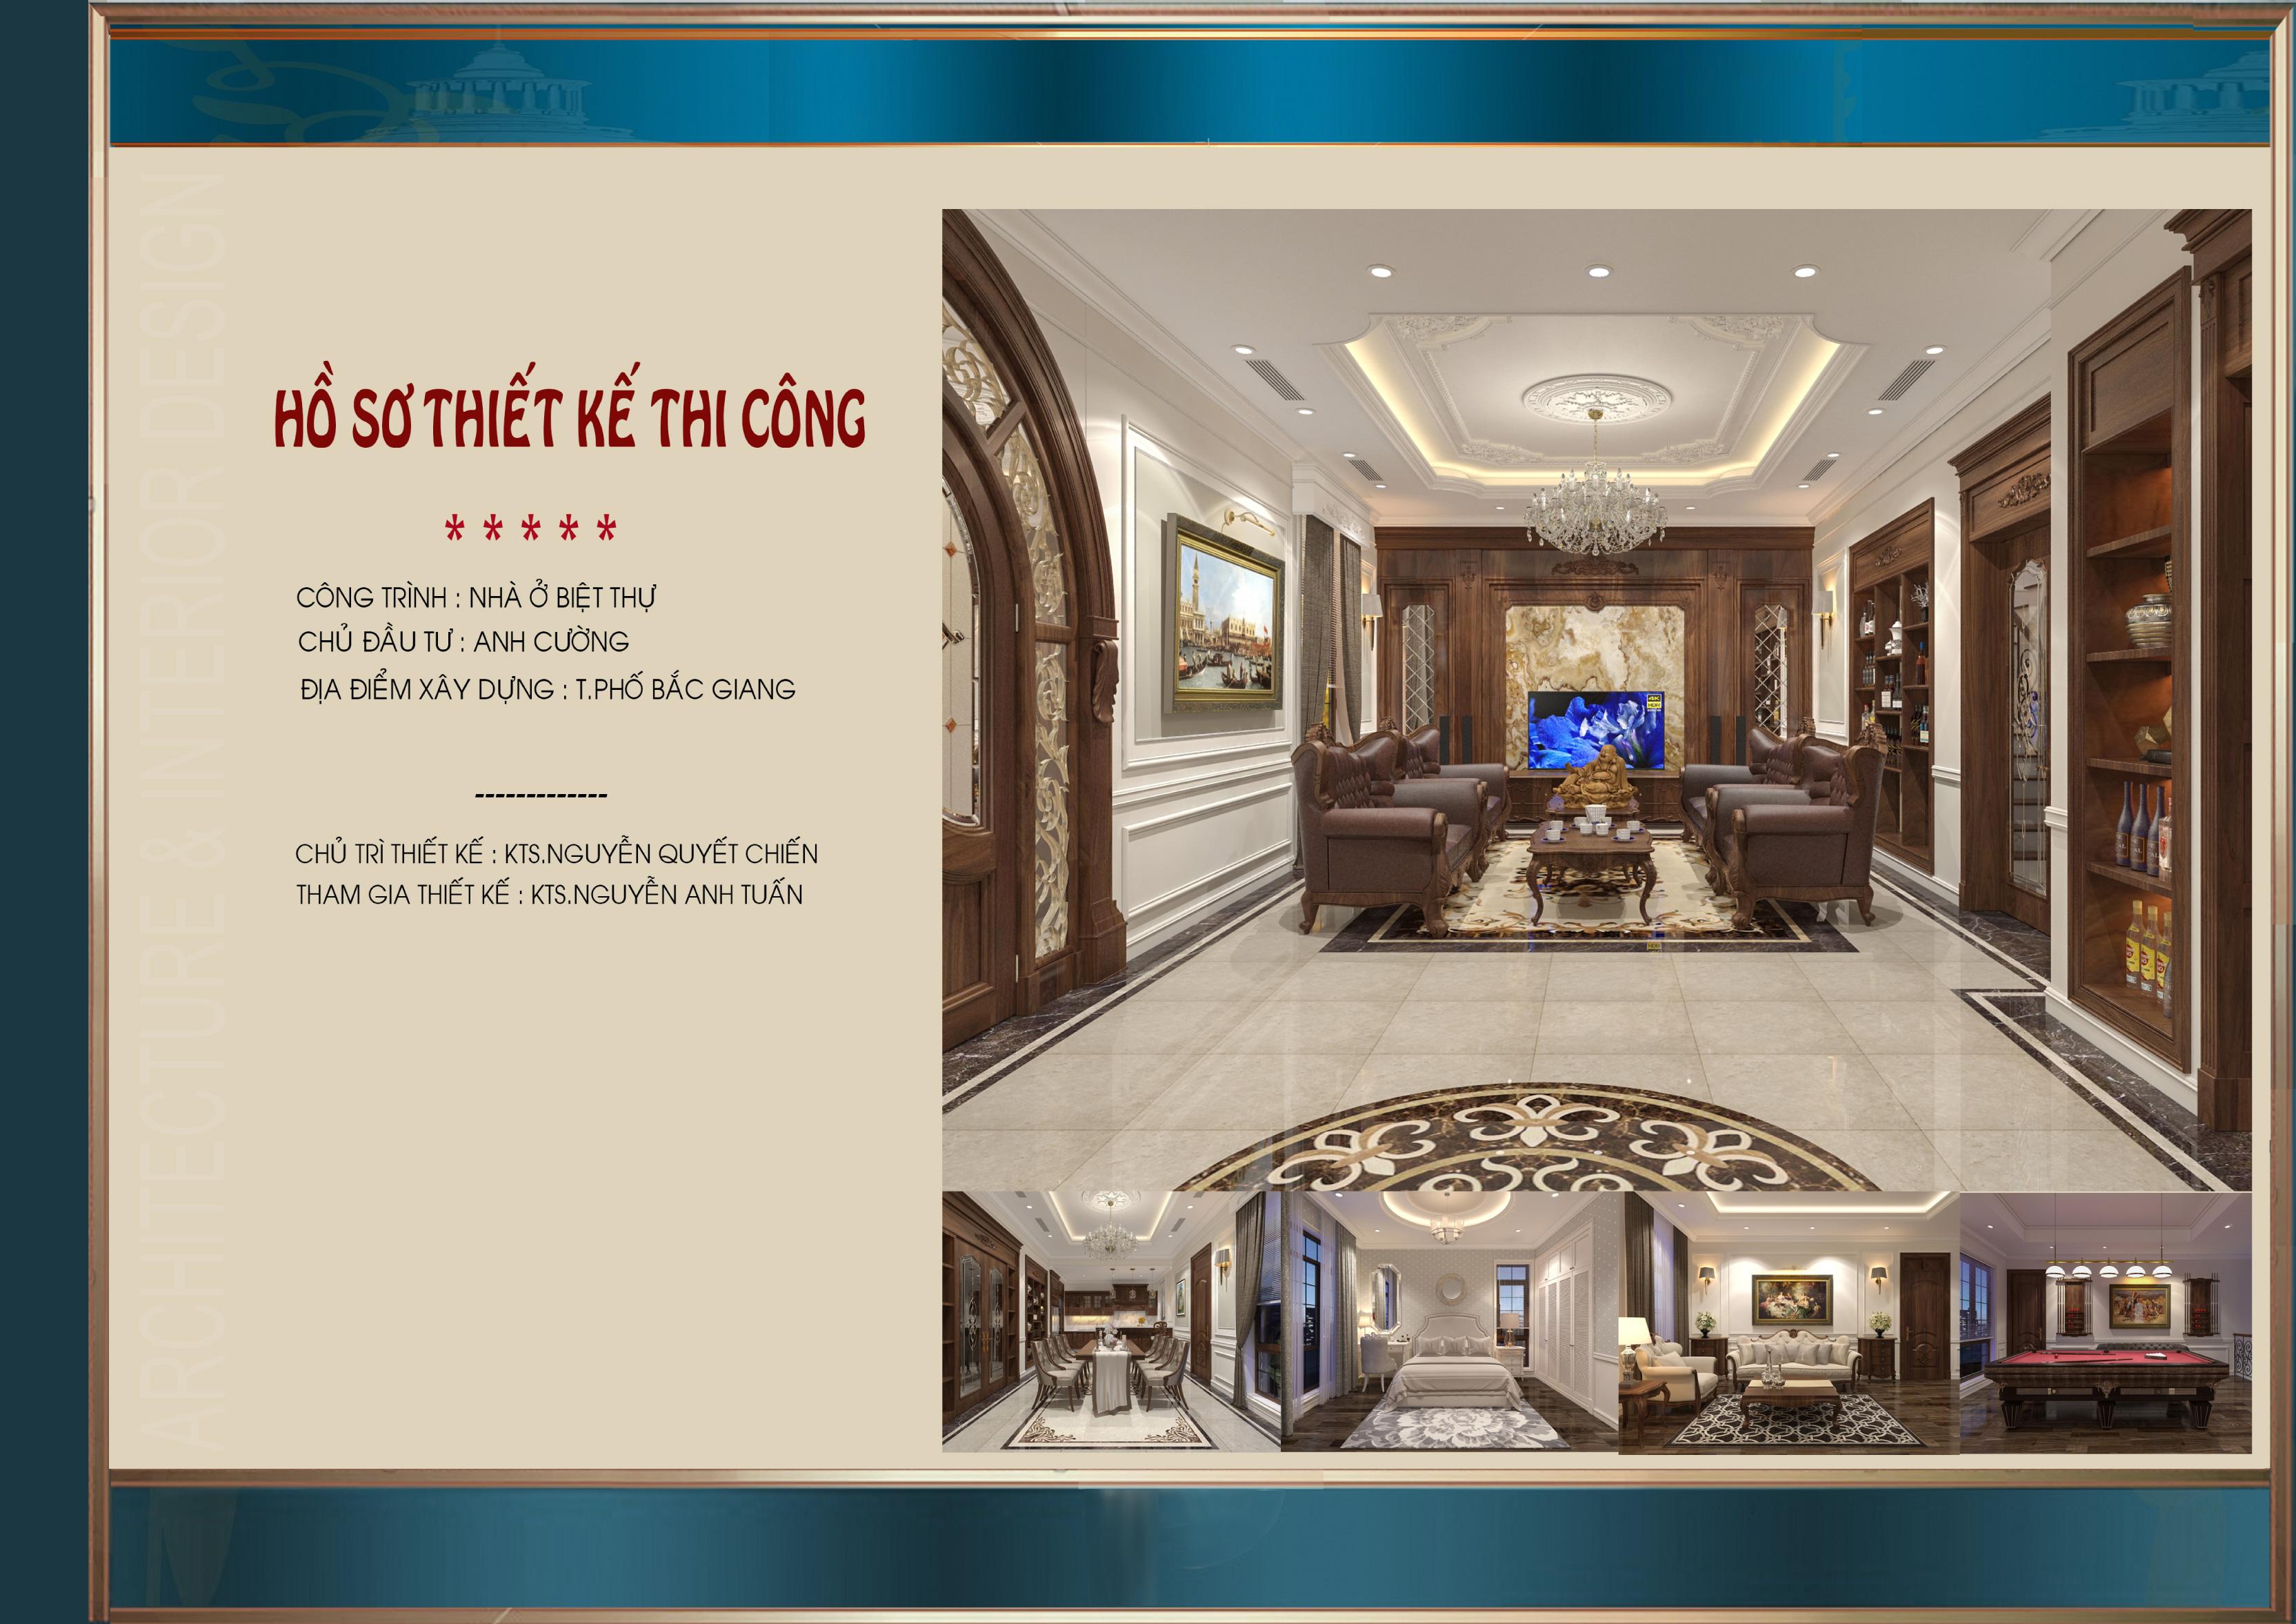 Mẫu thiết kế nội thất biệt thự tân cổ điển 3 tầng - CĐT Anh Cường